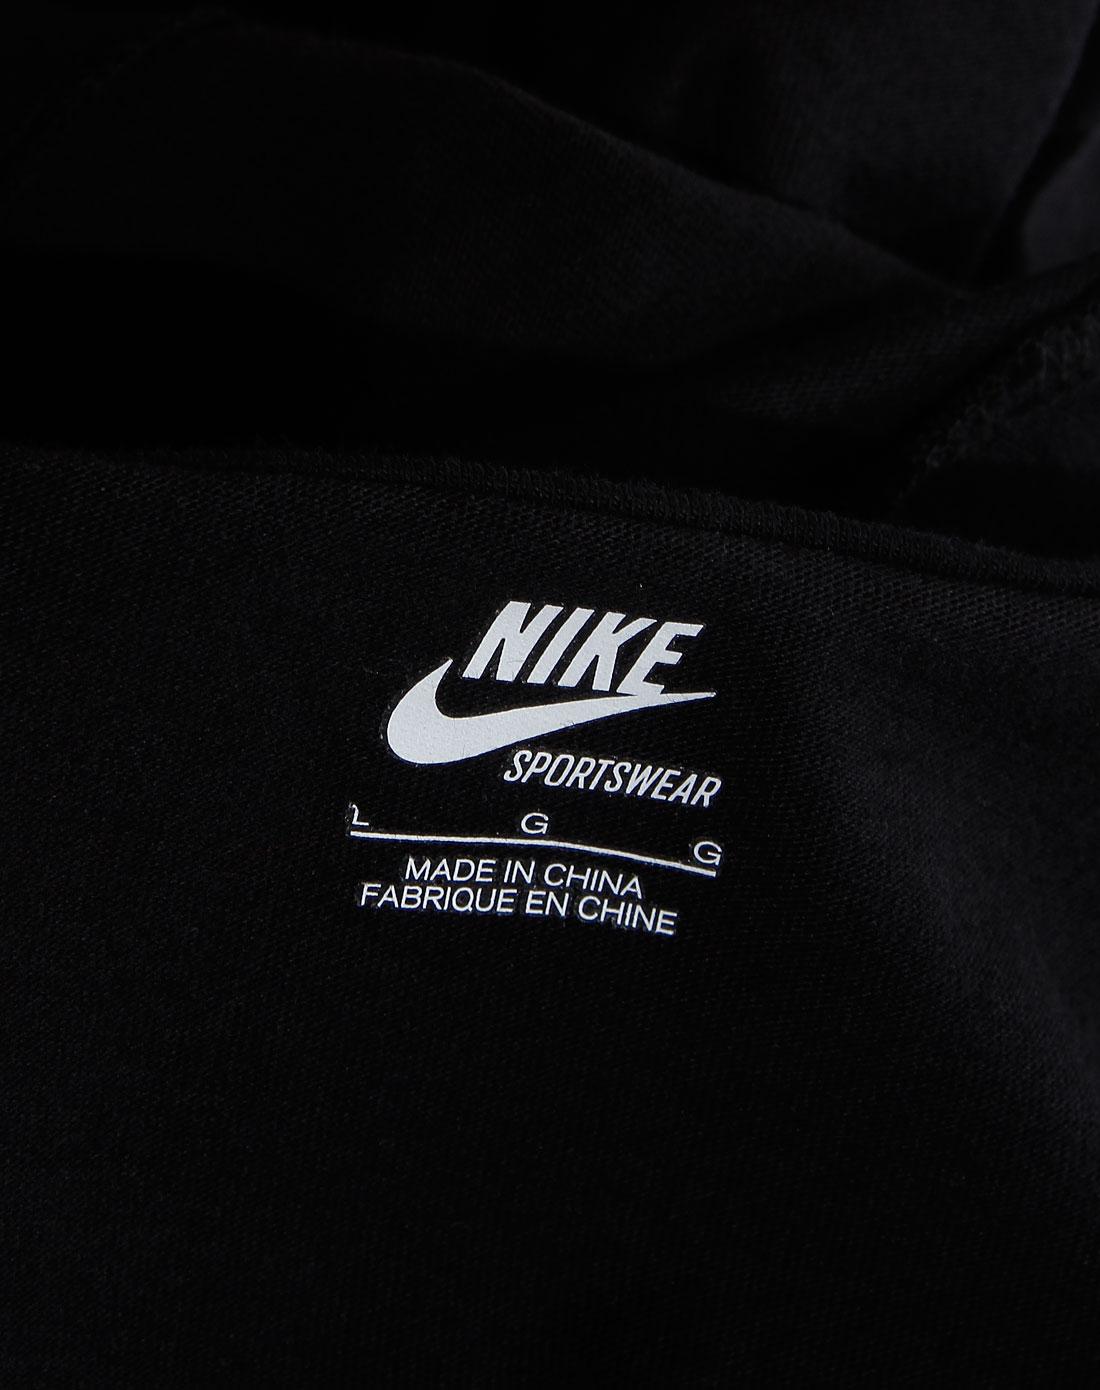 男款黑色巴西队徽短袖T恤 Nike耐克官网特价3.5折起图片